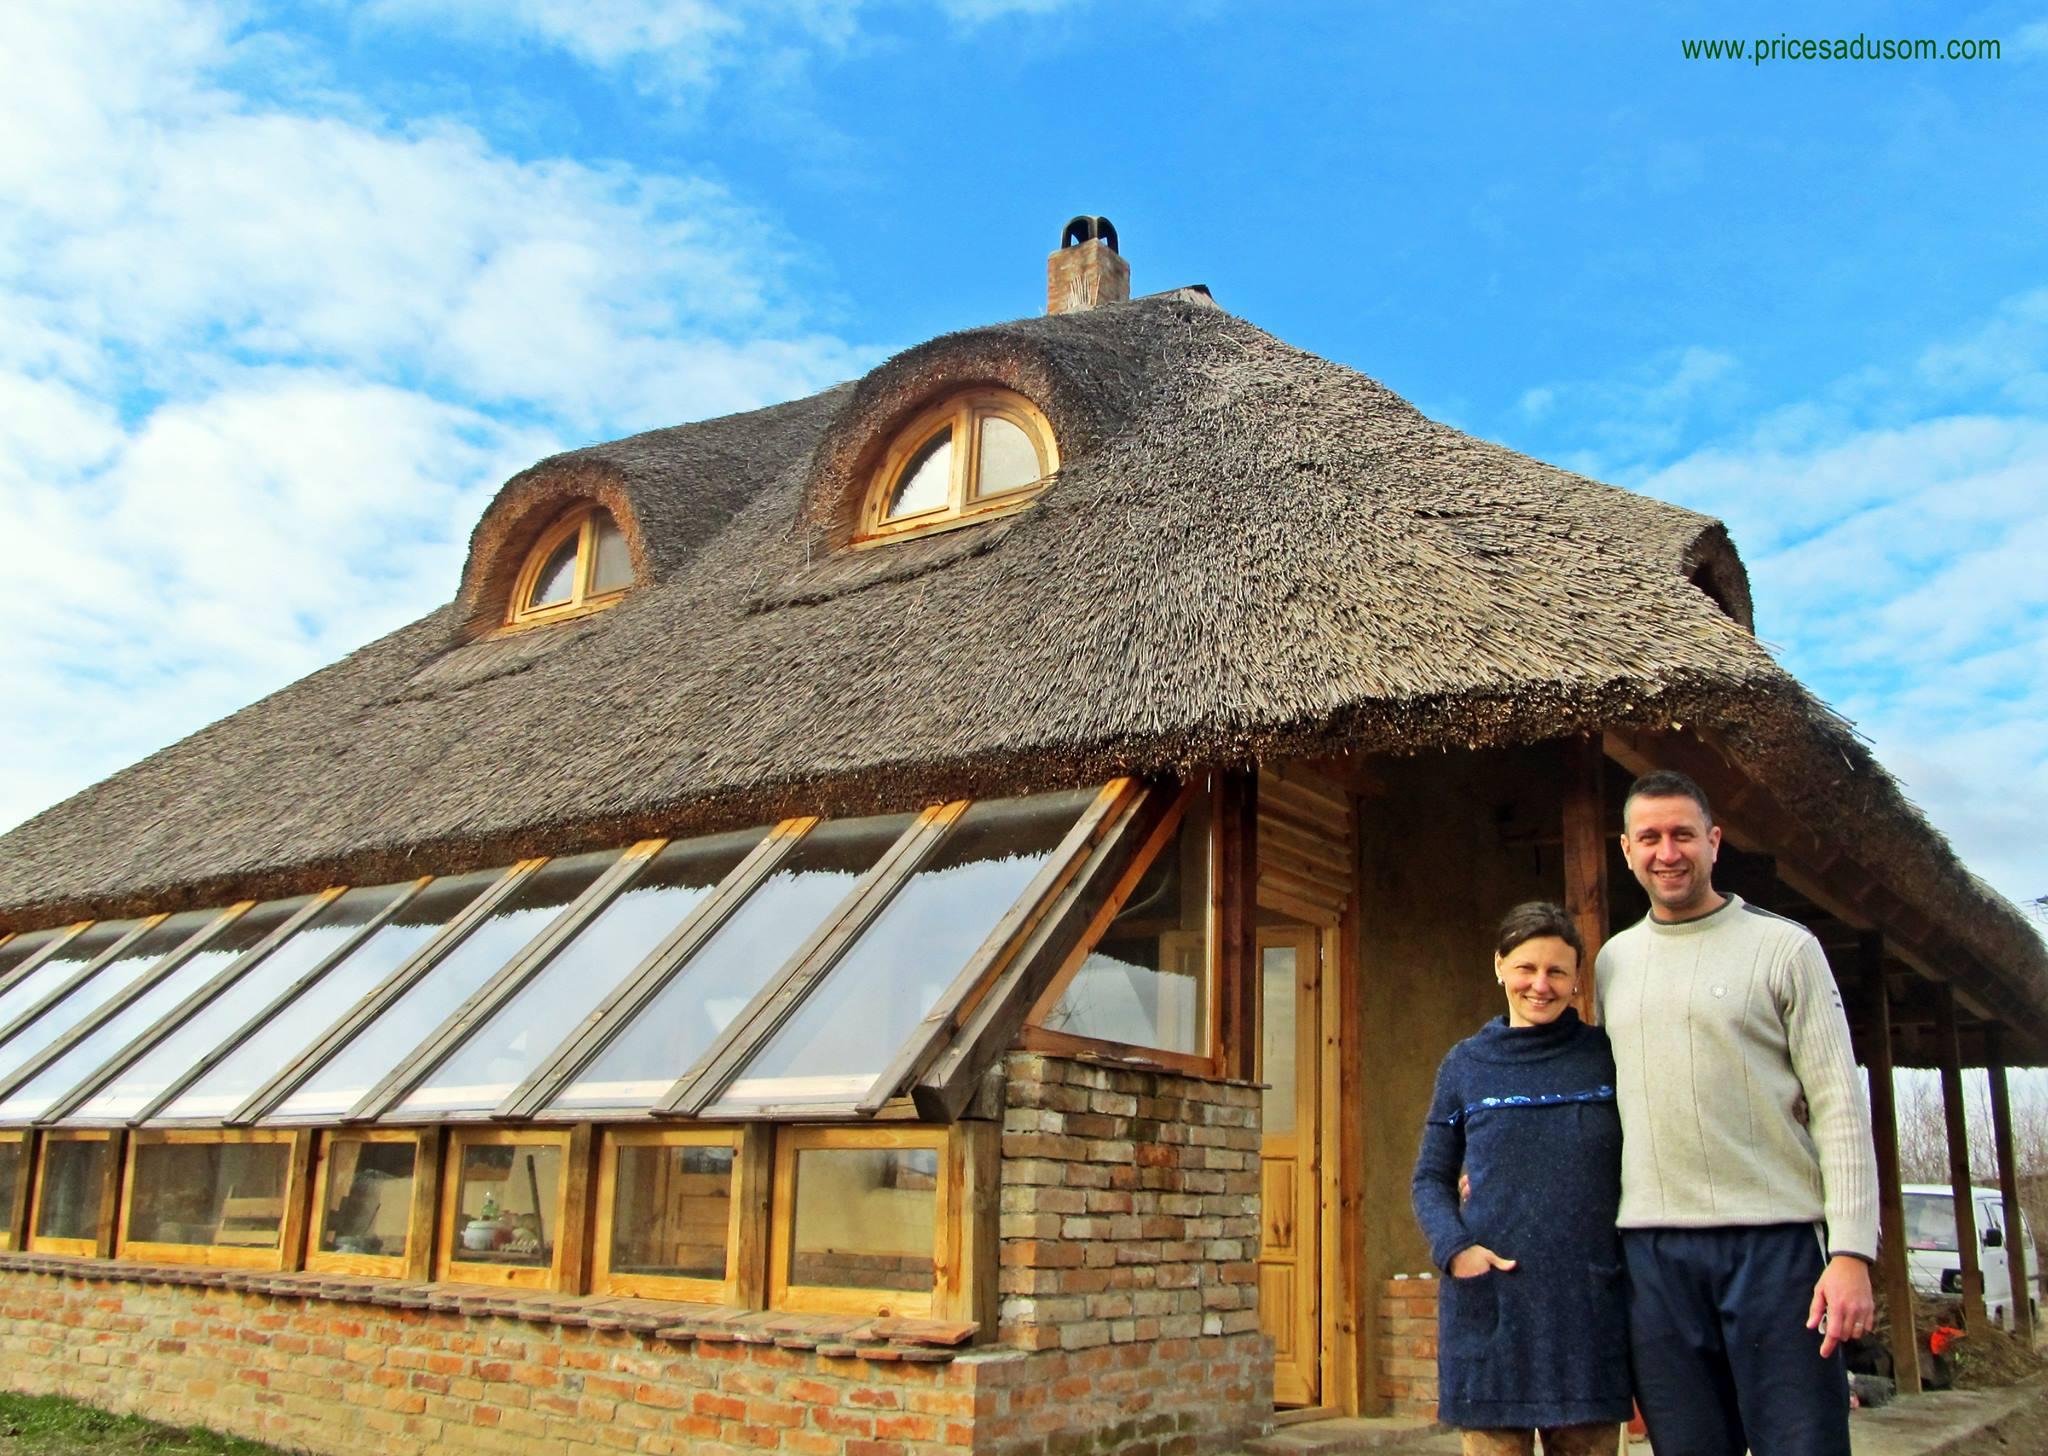 Obitelj Đupovac, Nada (40) i Milan (37) pobjegli iz grada i izgradili kuću od prirodnih materijala